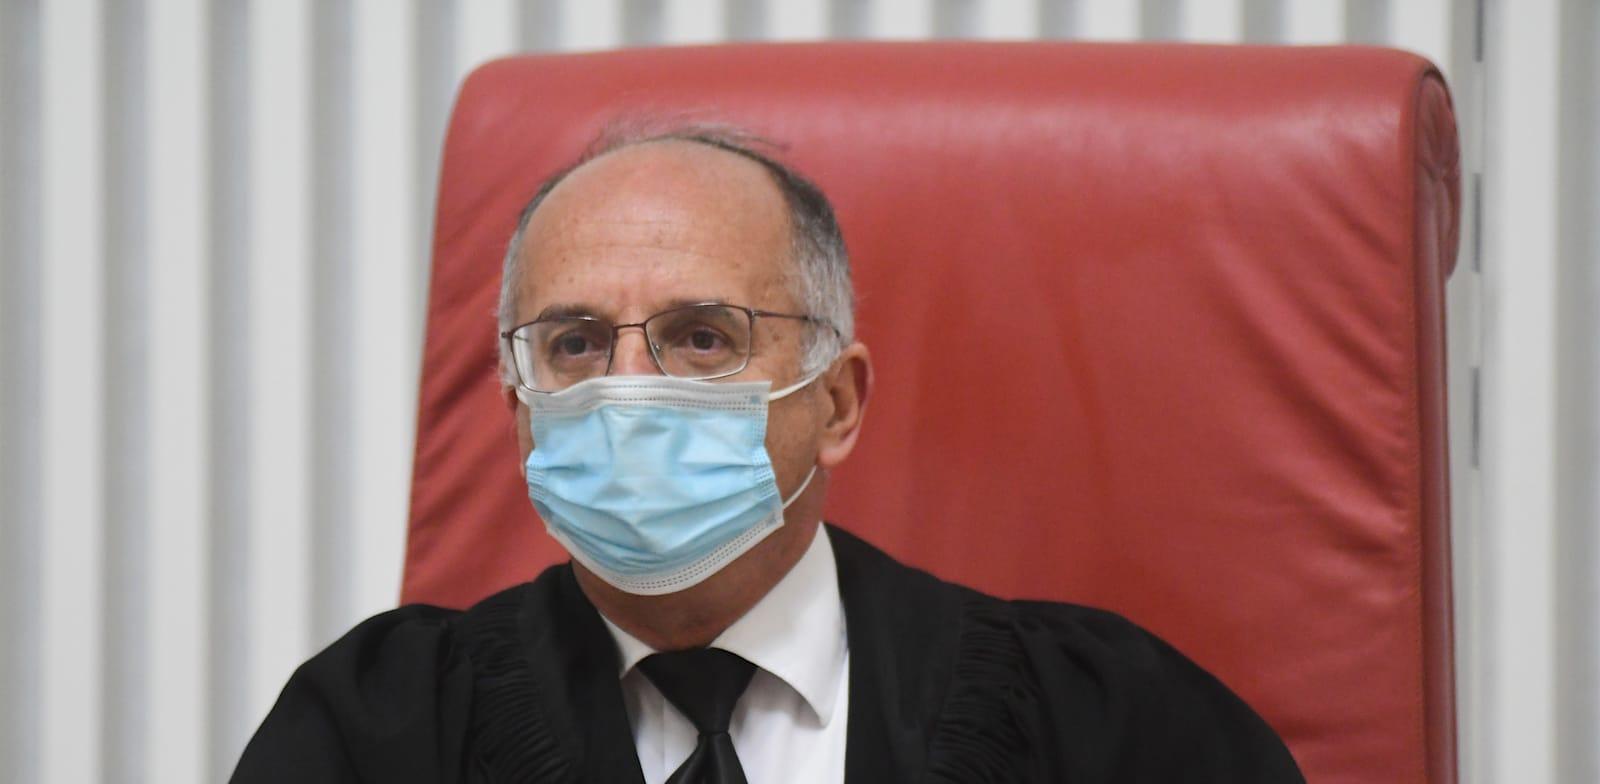 שופט העליון נעם סולברג / צילום: רפי קוץ